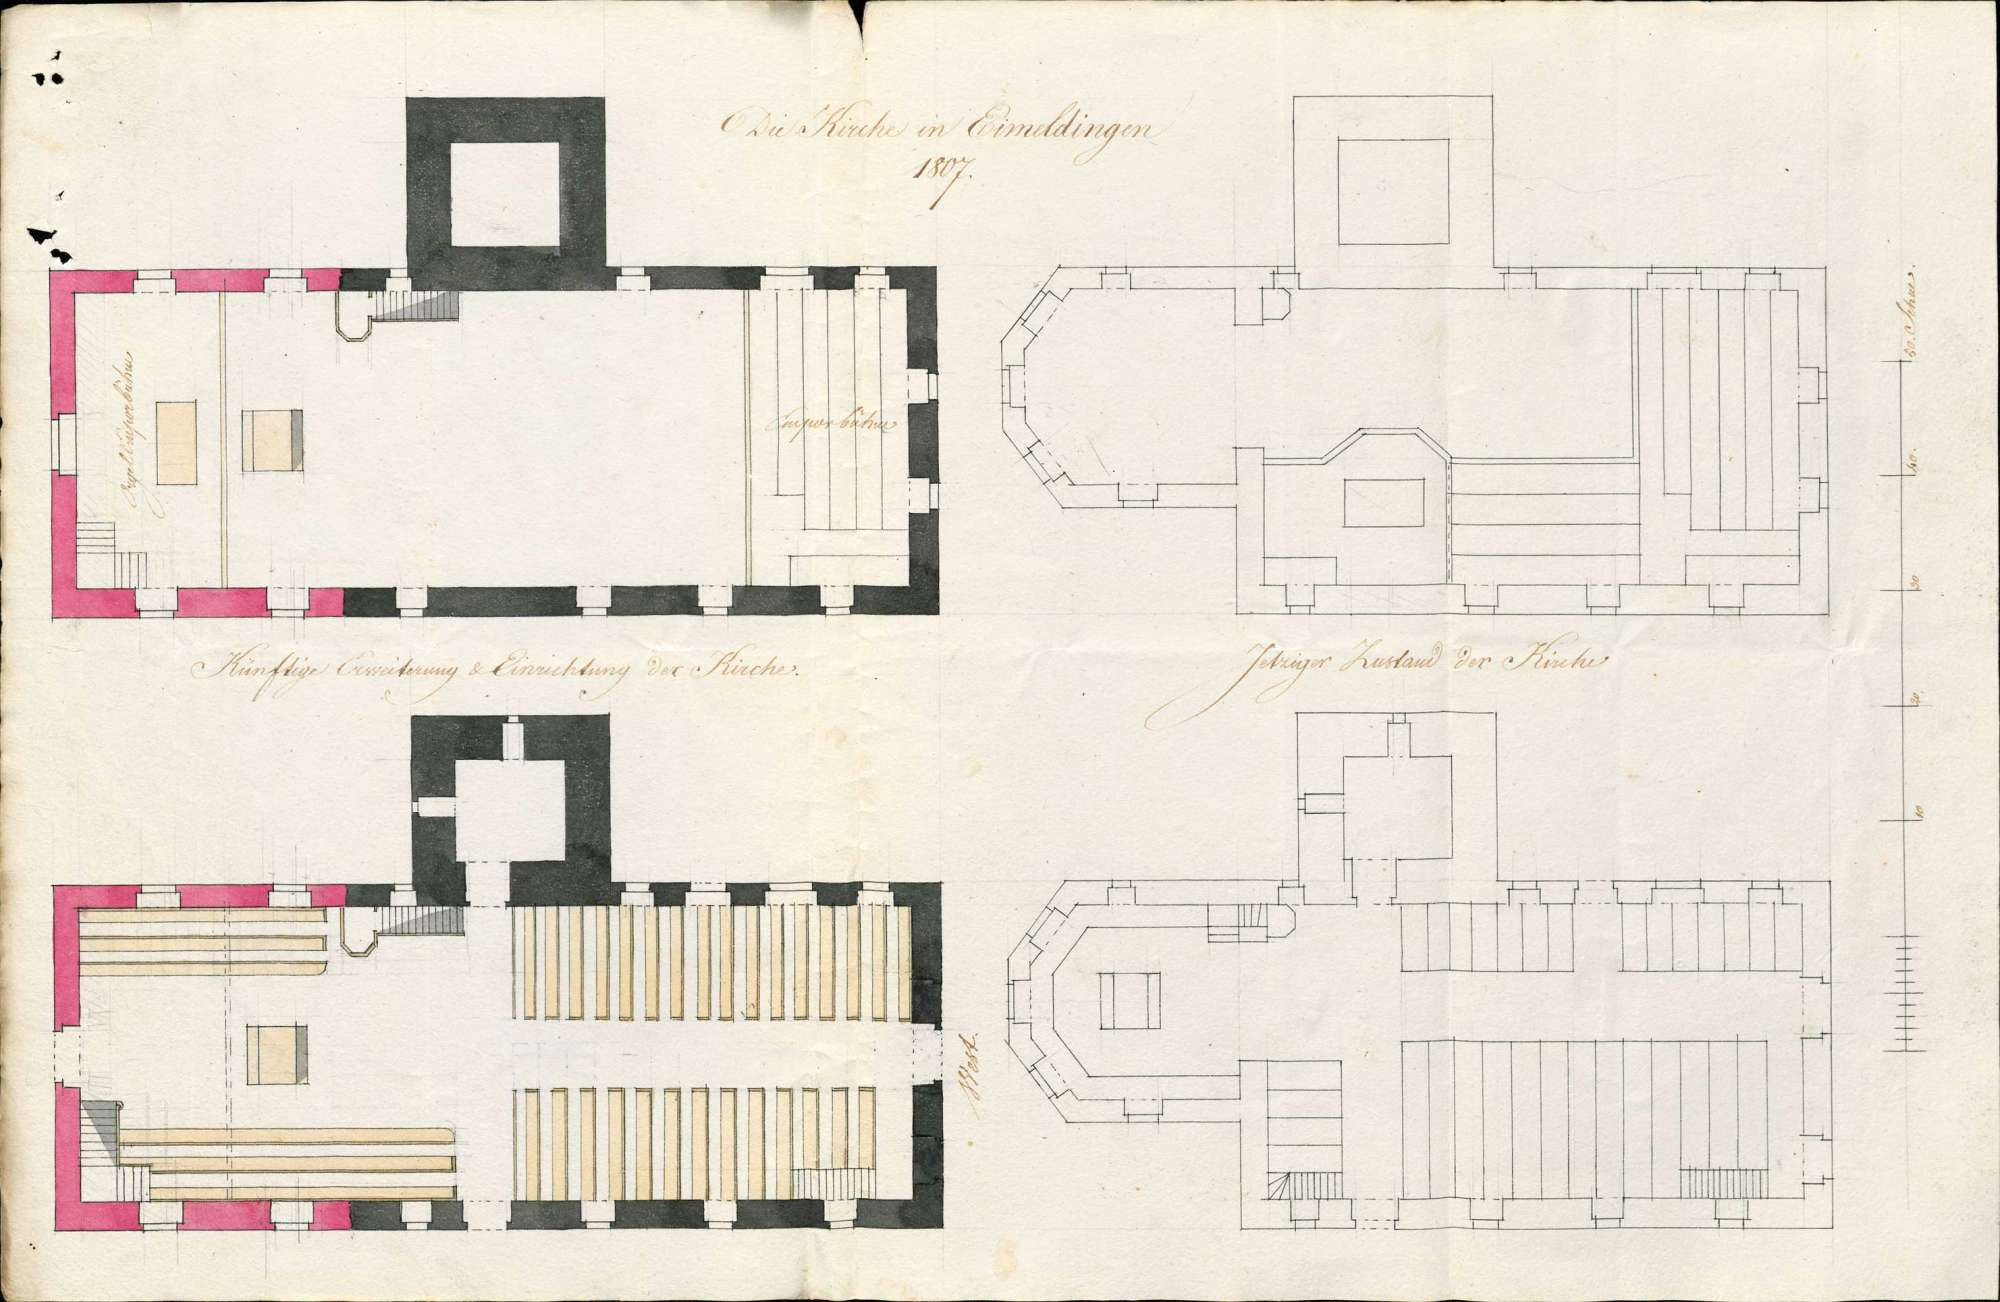 Erbauung und Unterhaltung der Pfarrkirche zu Eimeldingen, Bild 2